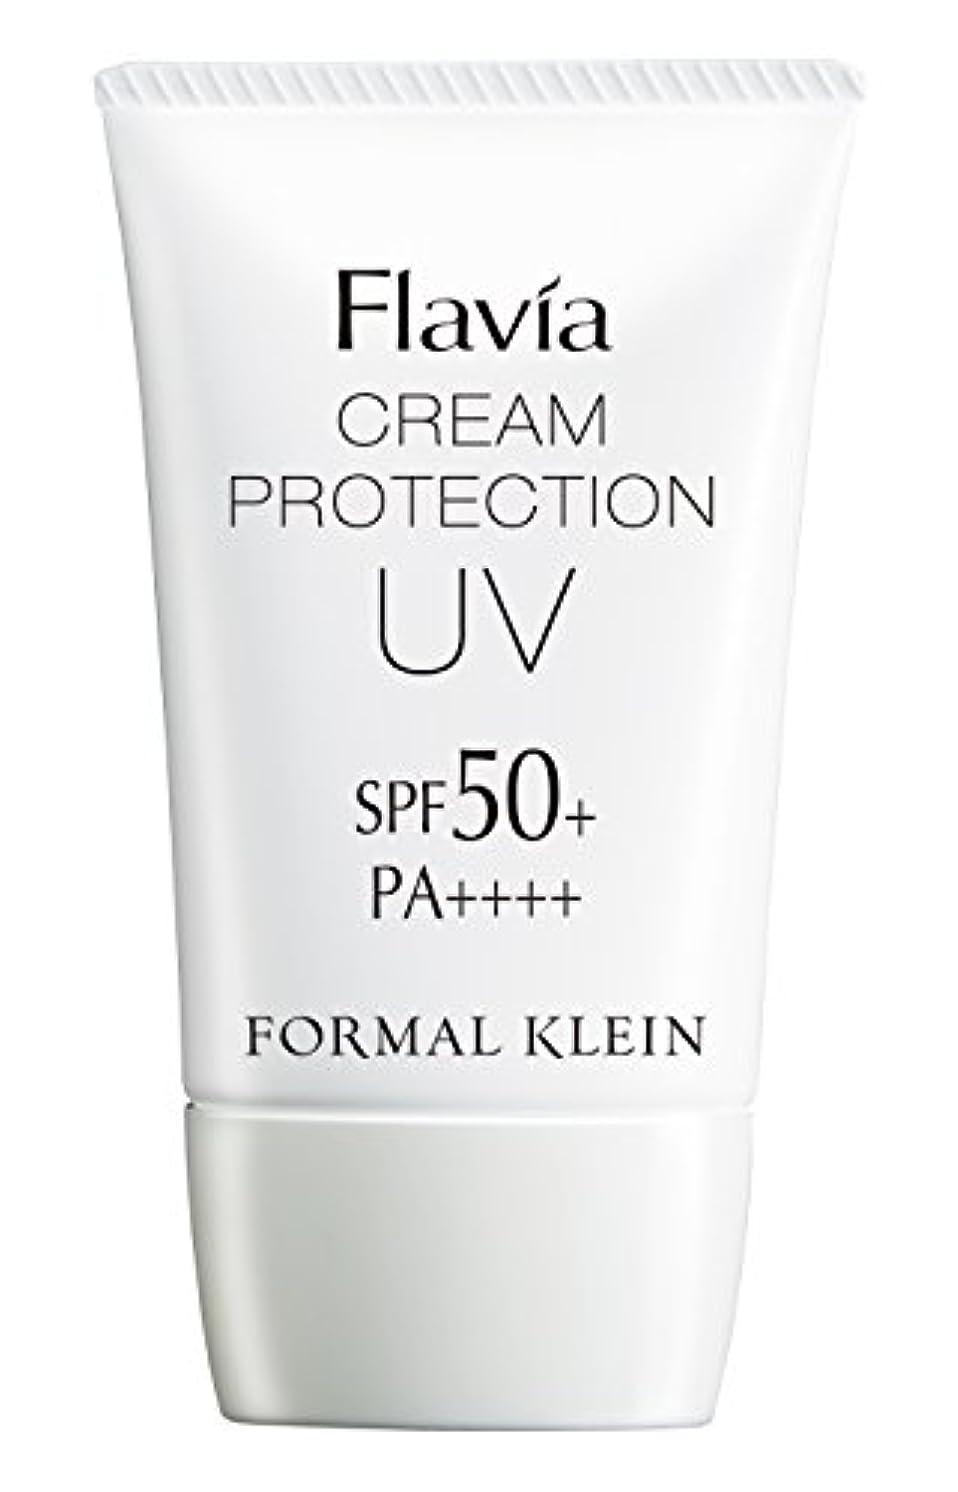 不透明な元に戻す合併フォーマルクライン フラビア クリームプロテクション (50g) UV SPF50+ PA++++